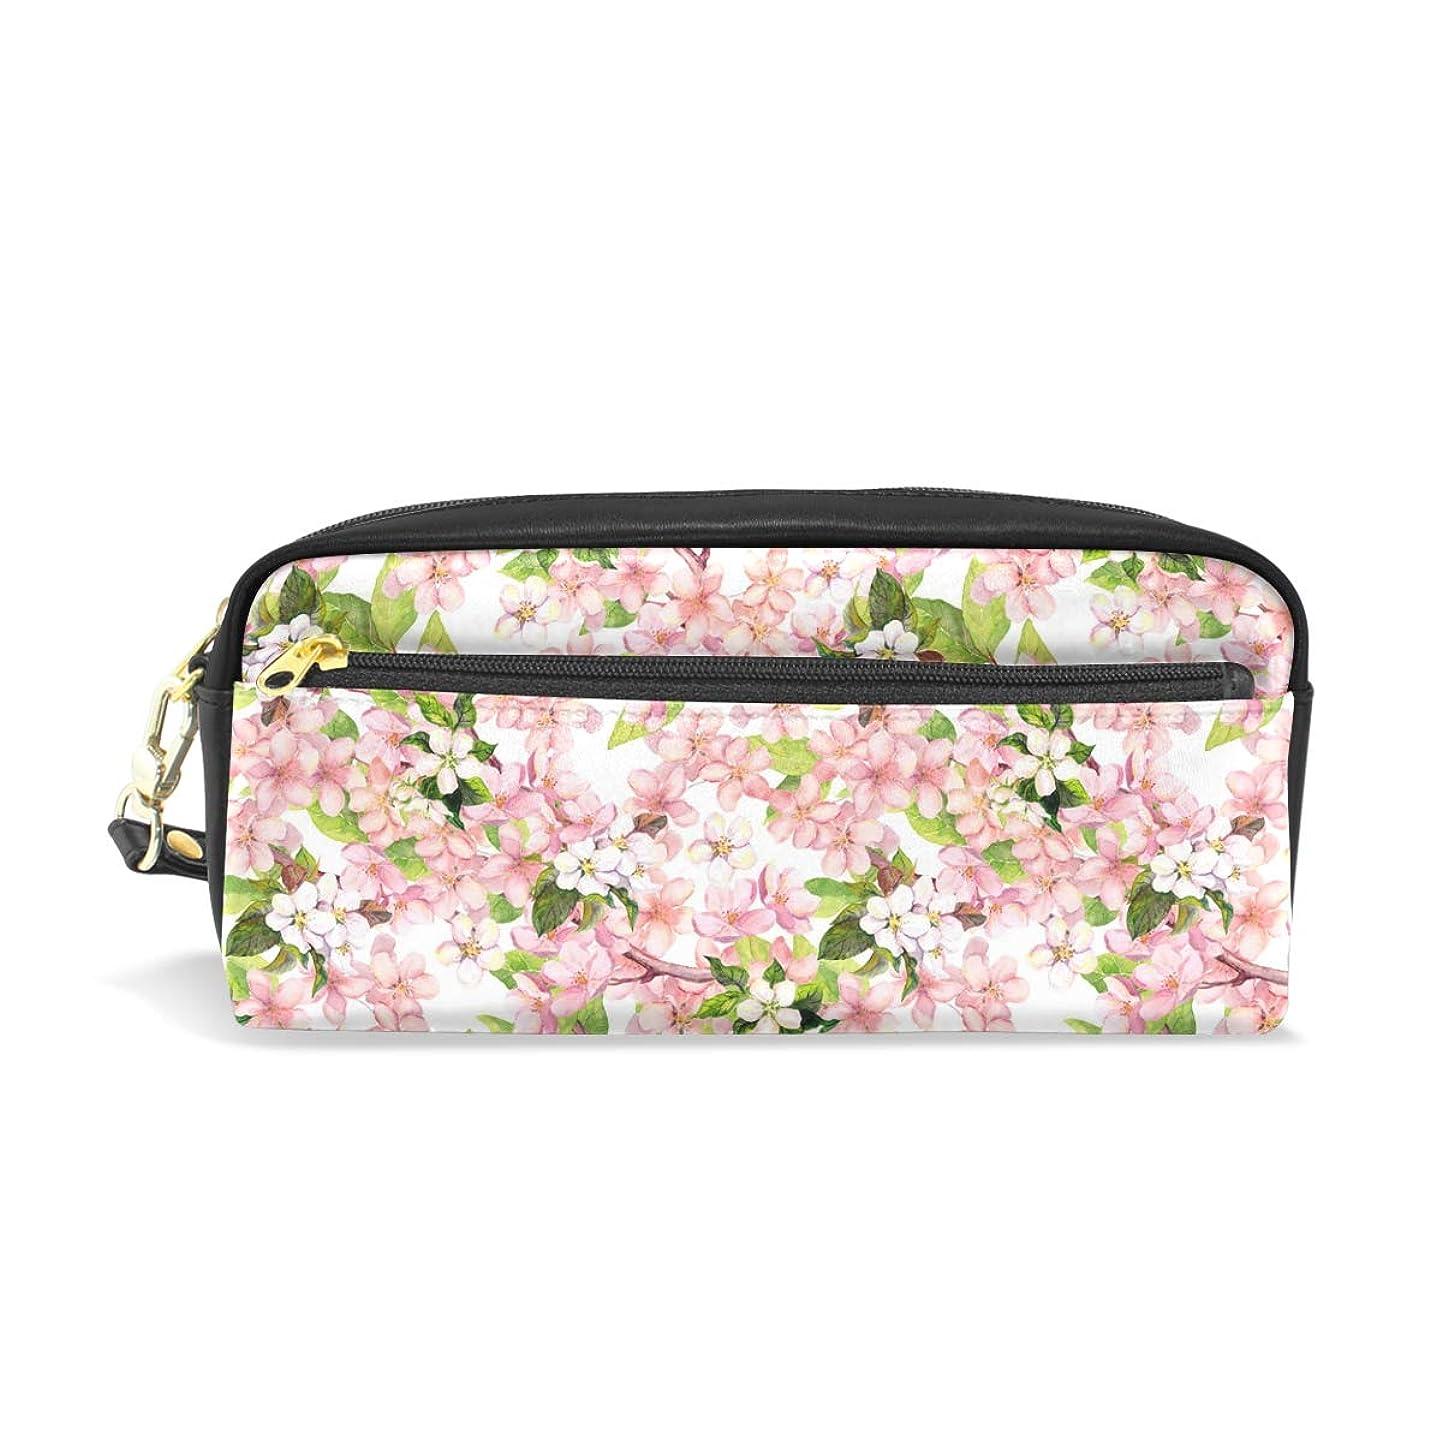 生理思い出させる私のAOMOKI ペンケース 小物入り 多機能バッグ ペンポーチ 化粧ポーチ おしゃれ かわいい 男女兼用 ギフト プレゼント 花柄 桜